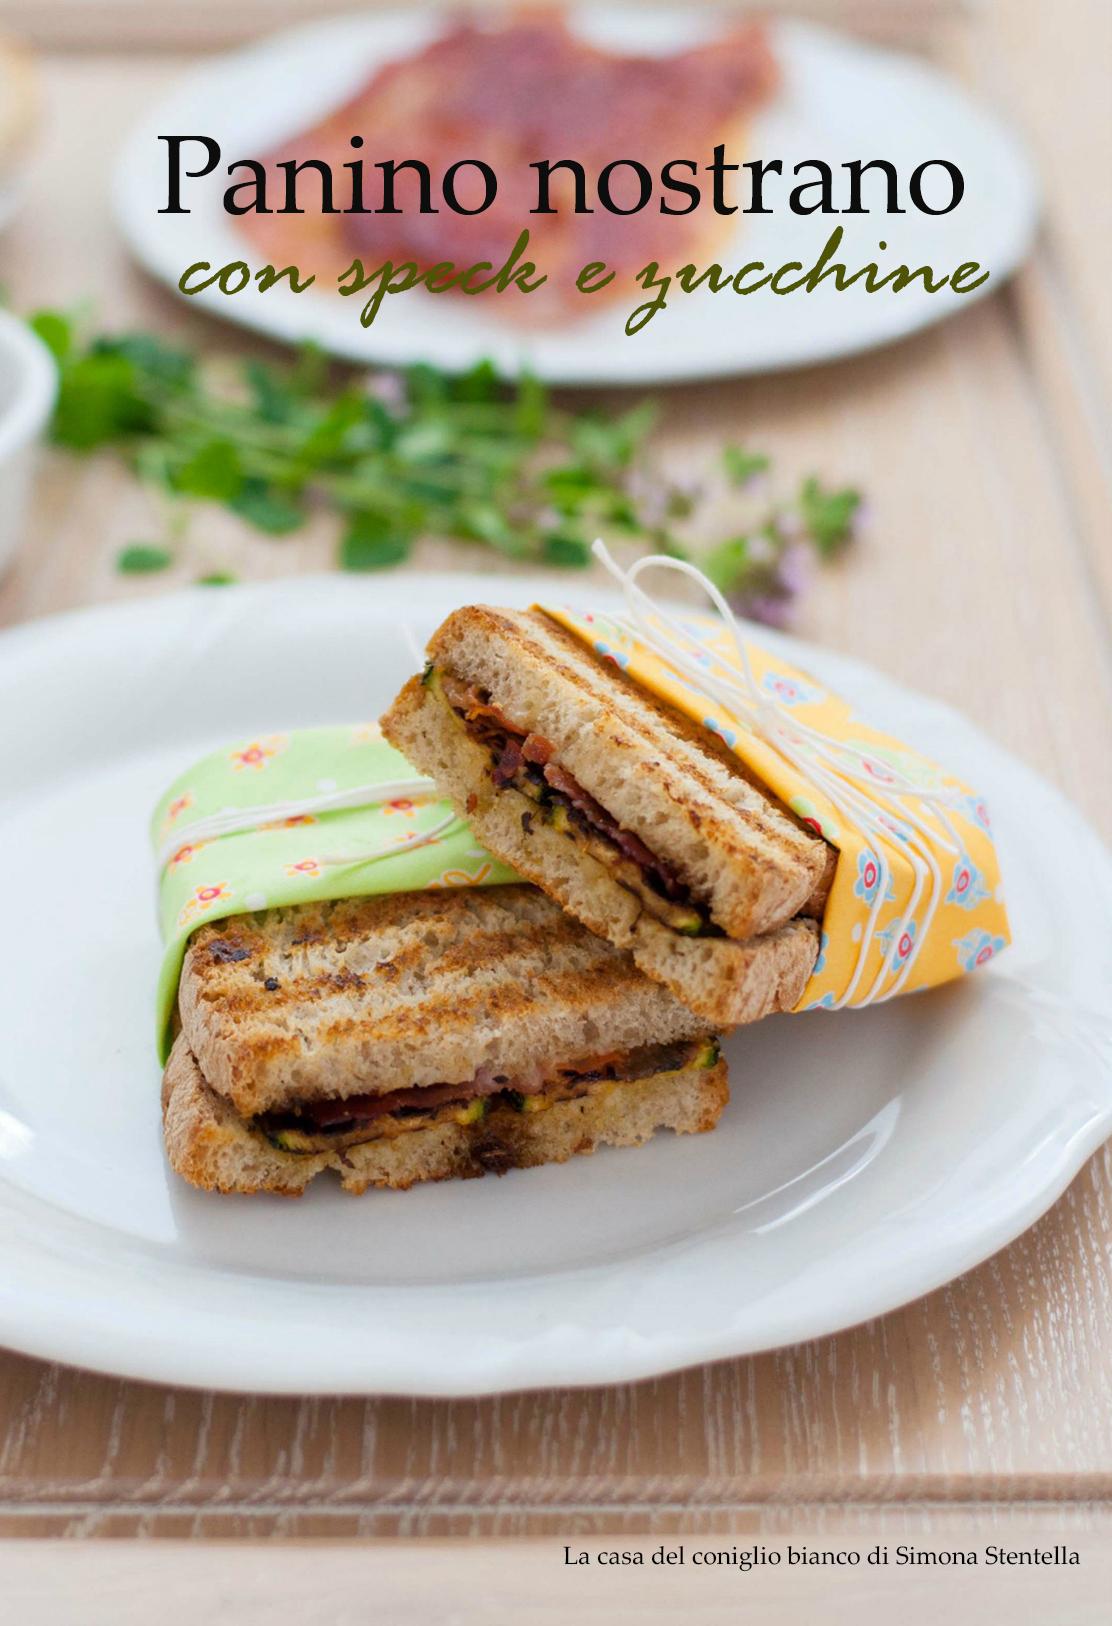 panino nostrano speck e zucchine